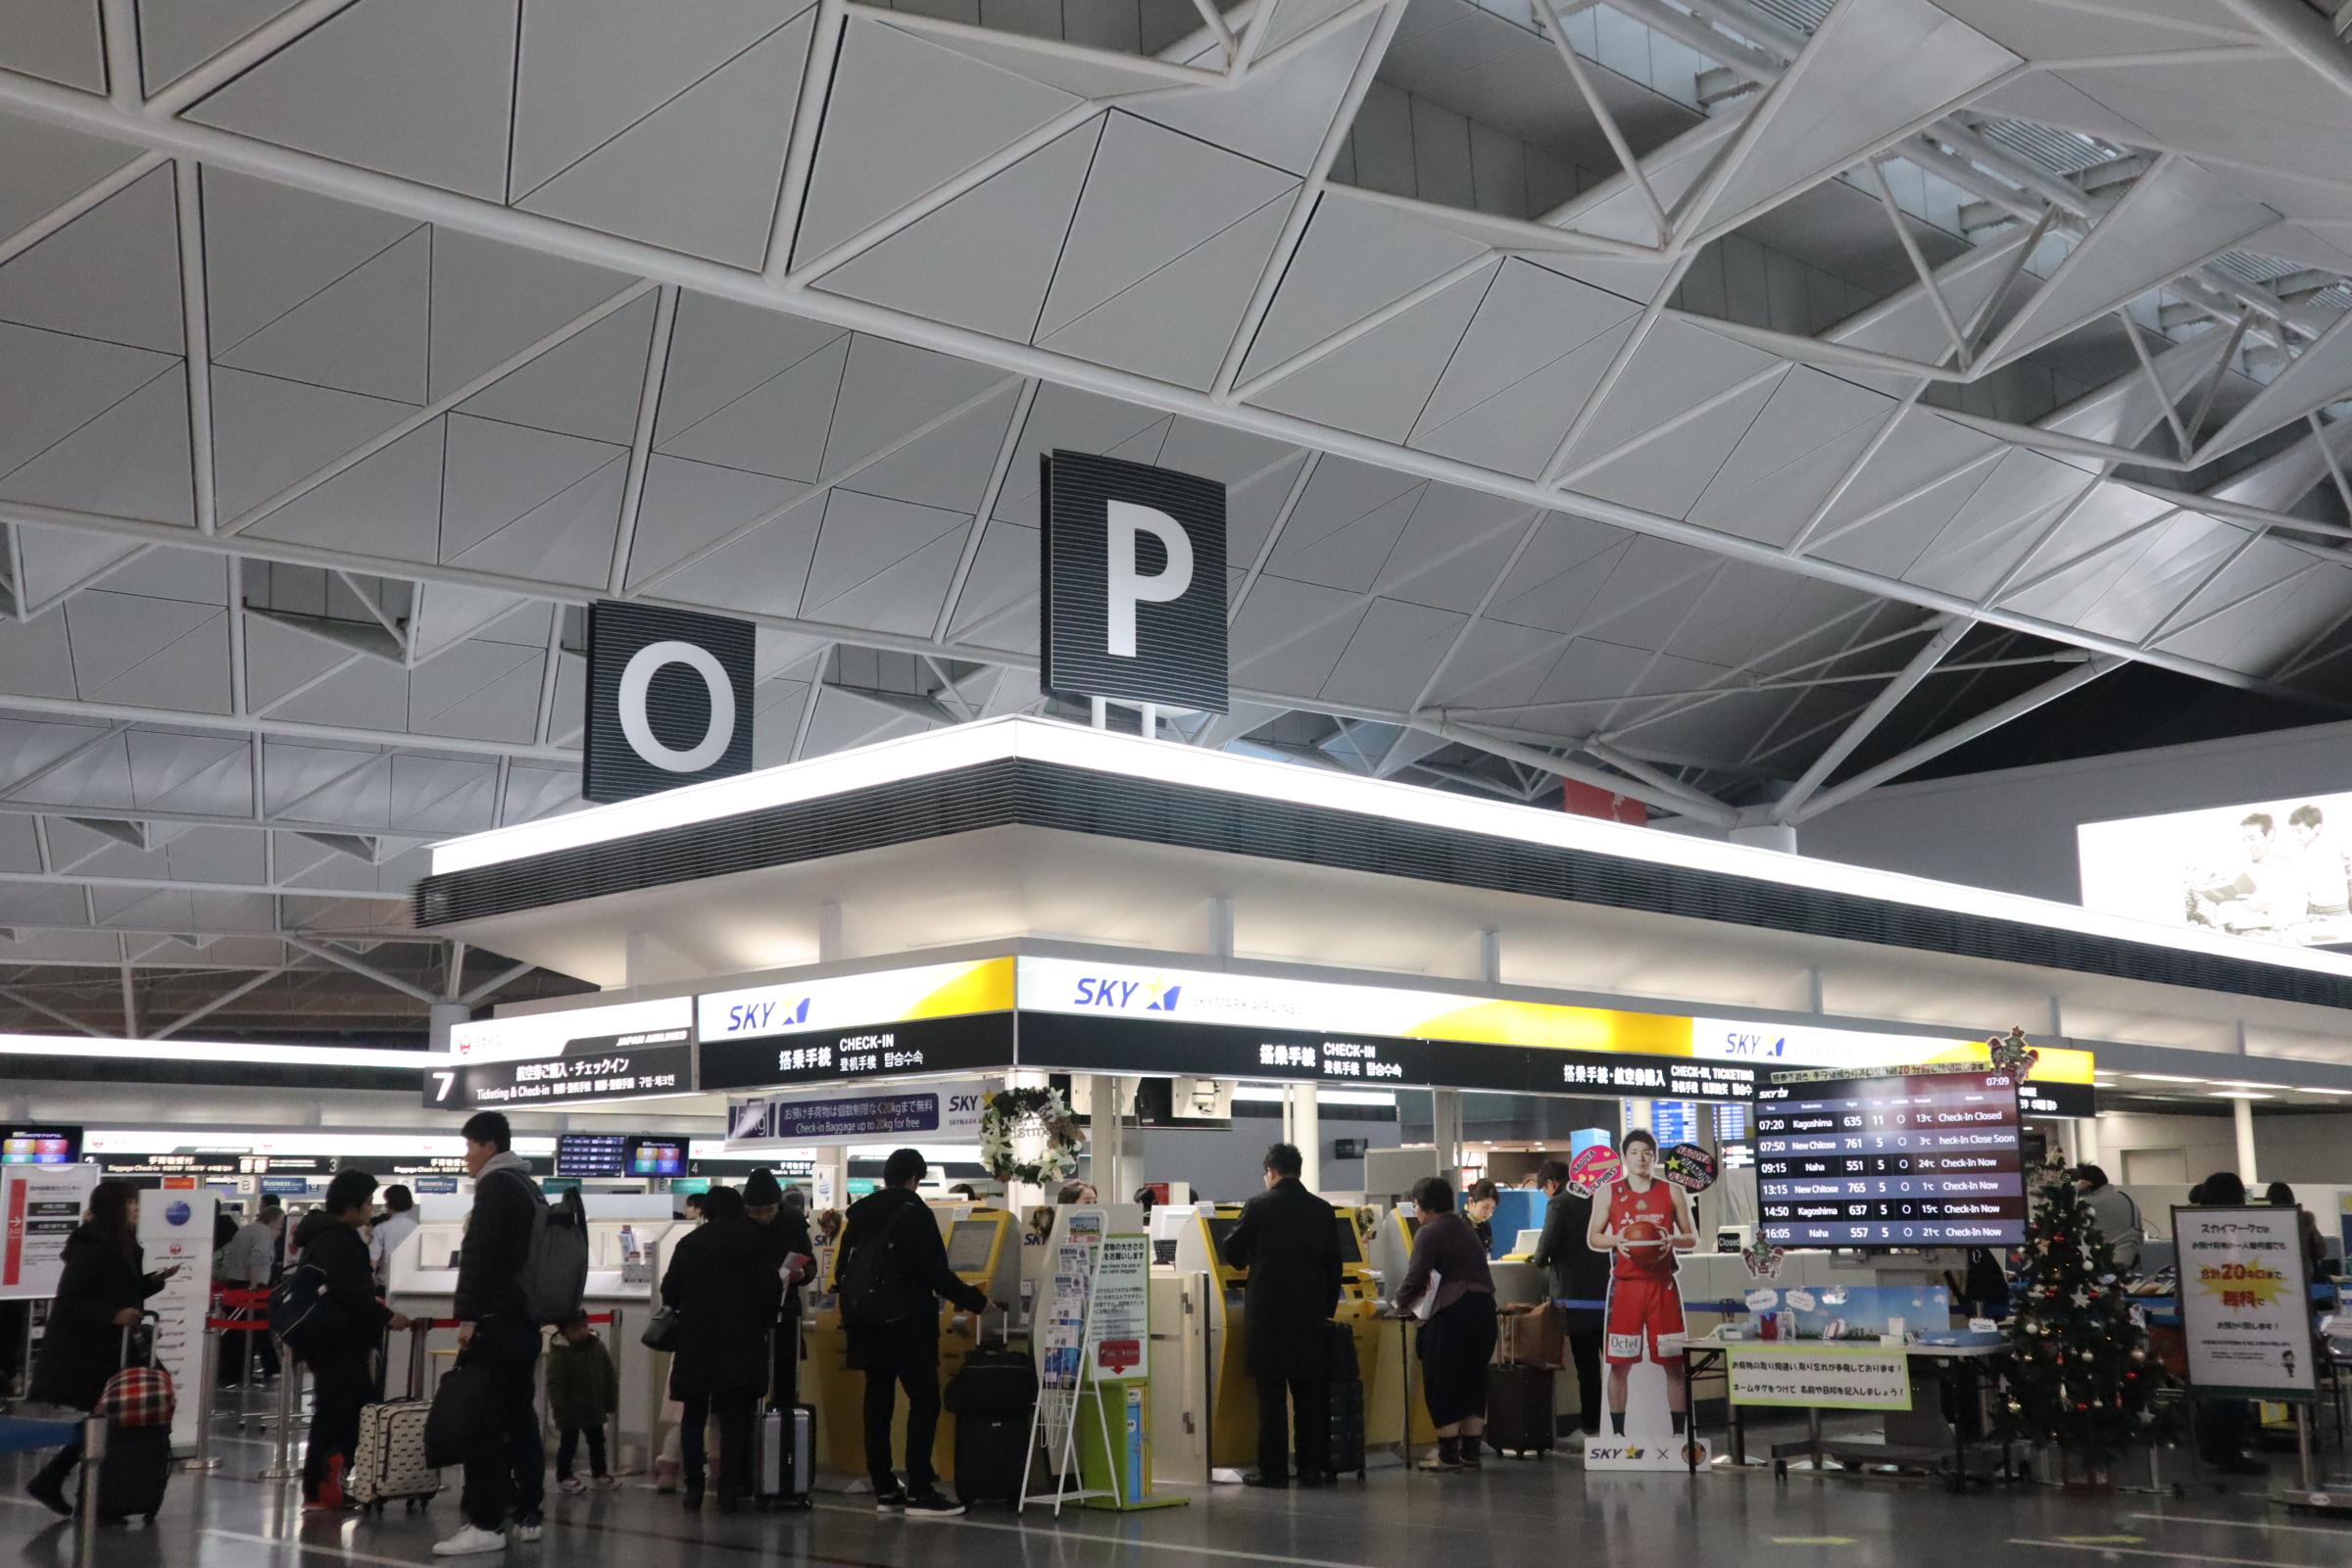 名古屋から北海道日帰り旅行ができる!中部国際空港セントレア発、スカイマークの飛行機がオススメ - IMG 6624